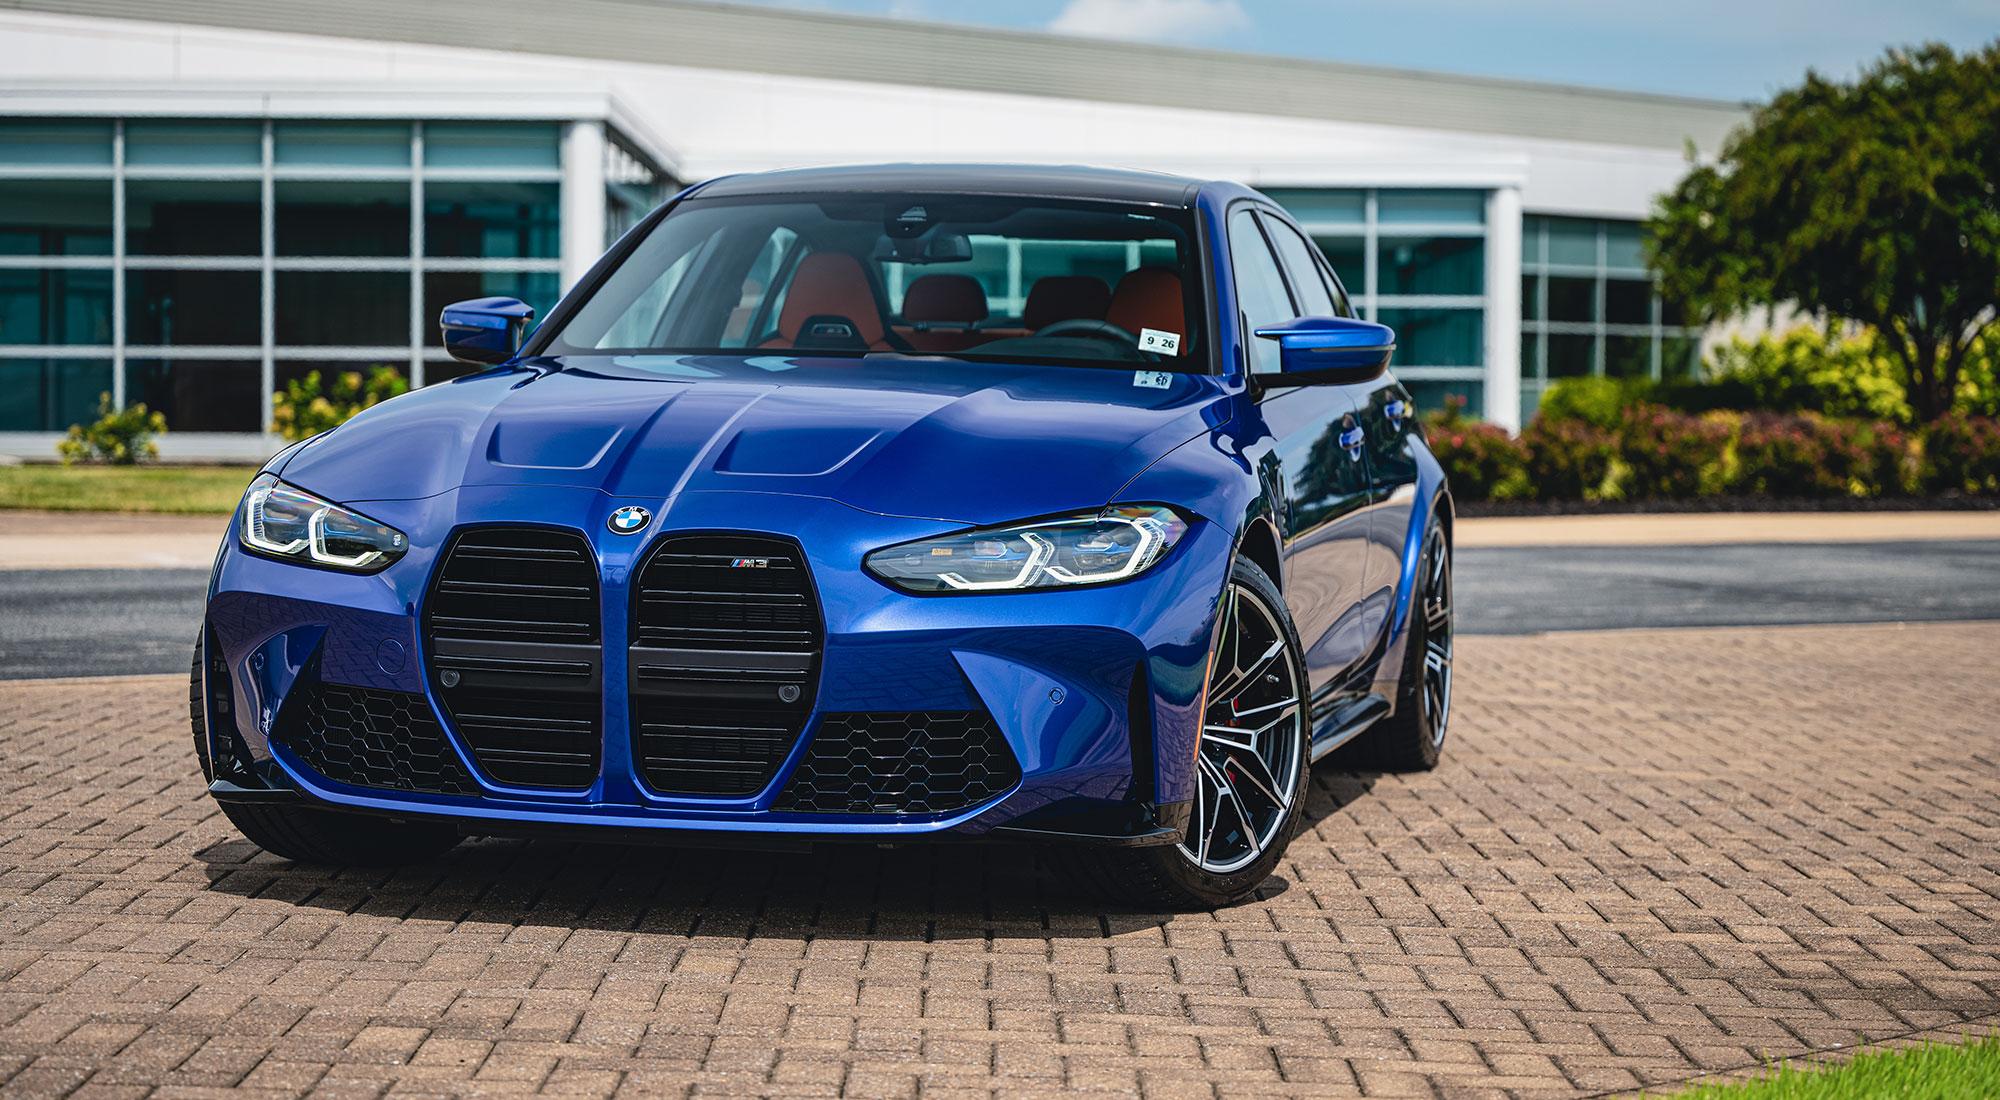 Meet my new BMW G80 M3